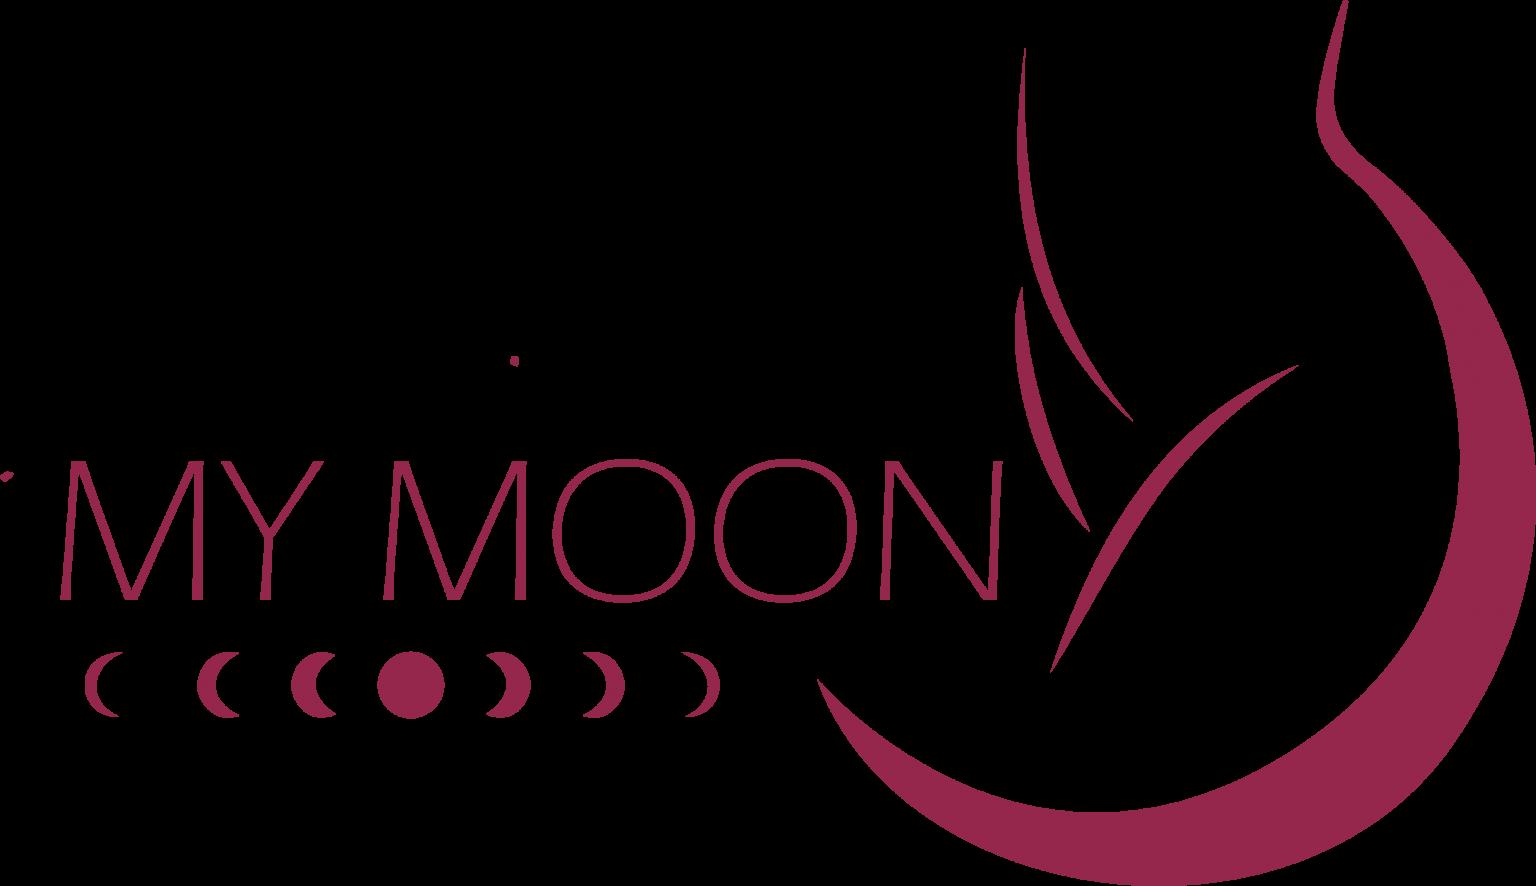 My Moony Logo